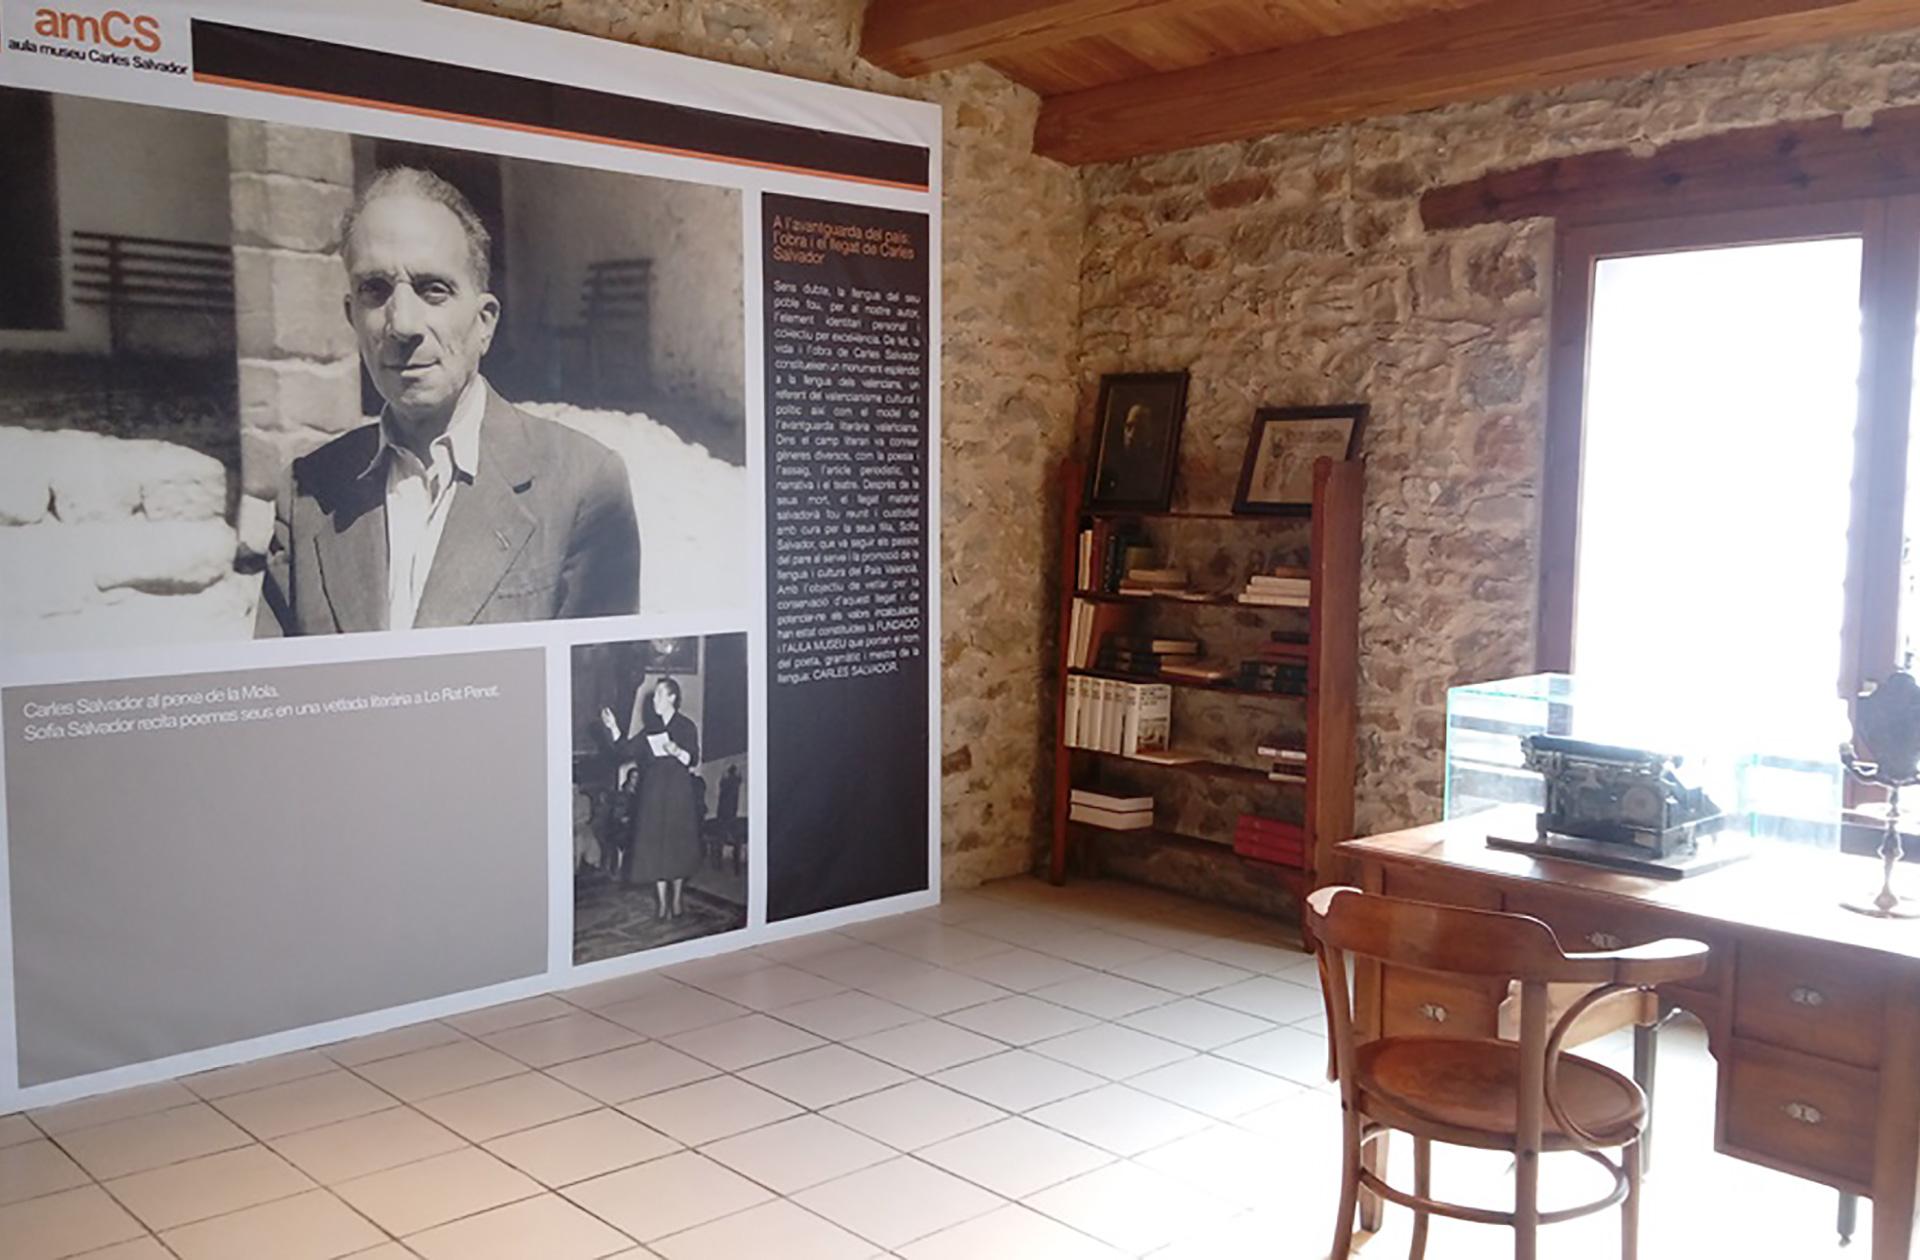 Aula Museu Carles Salvador - Benassal